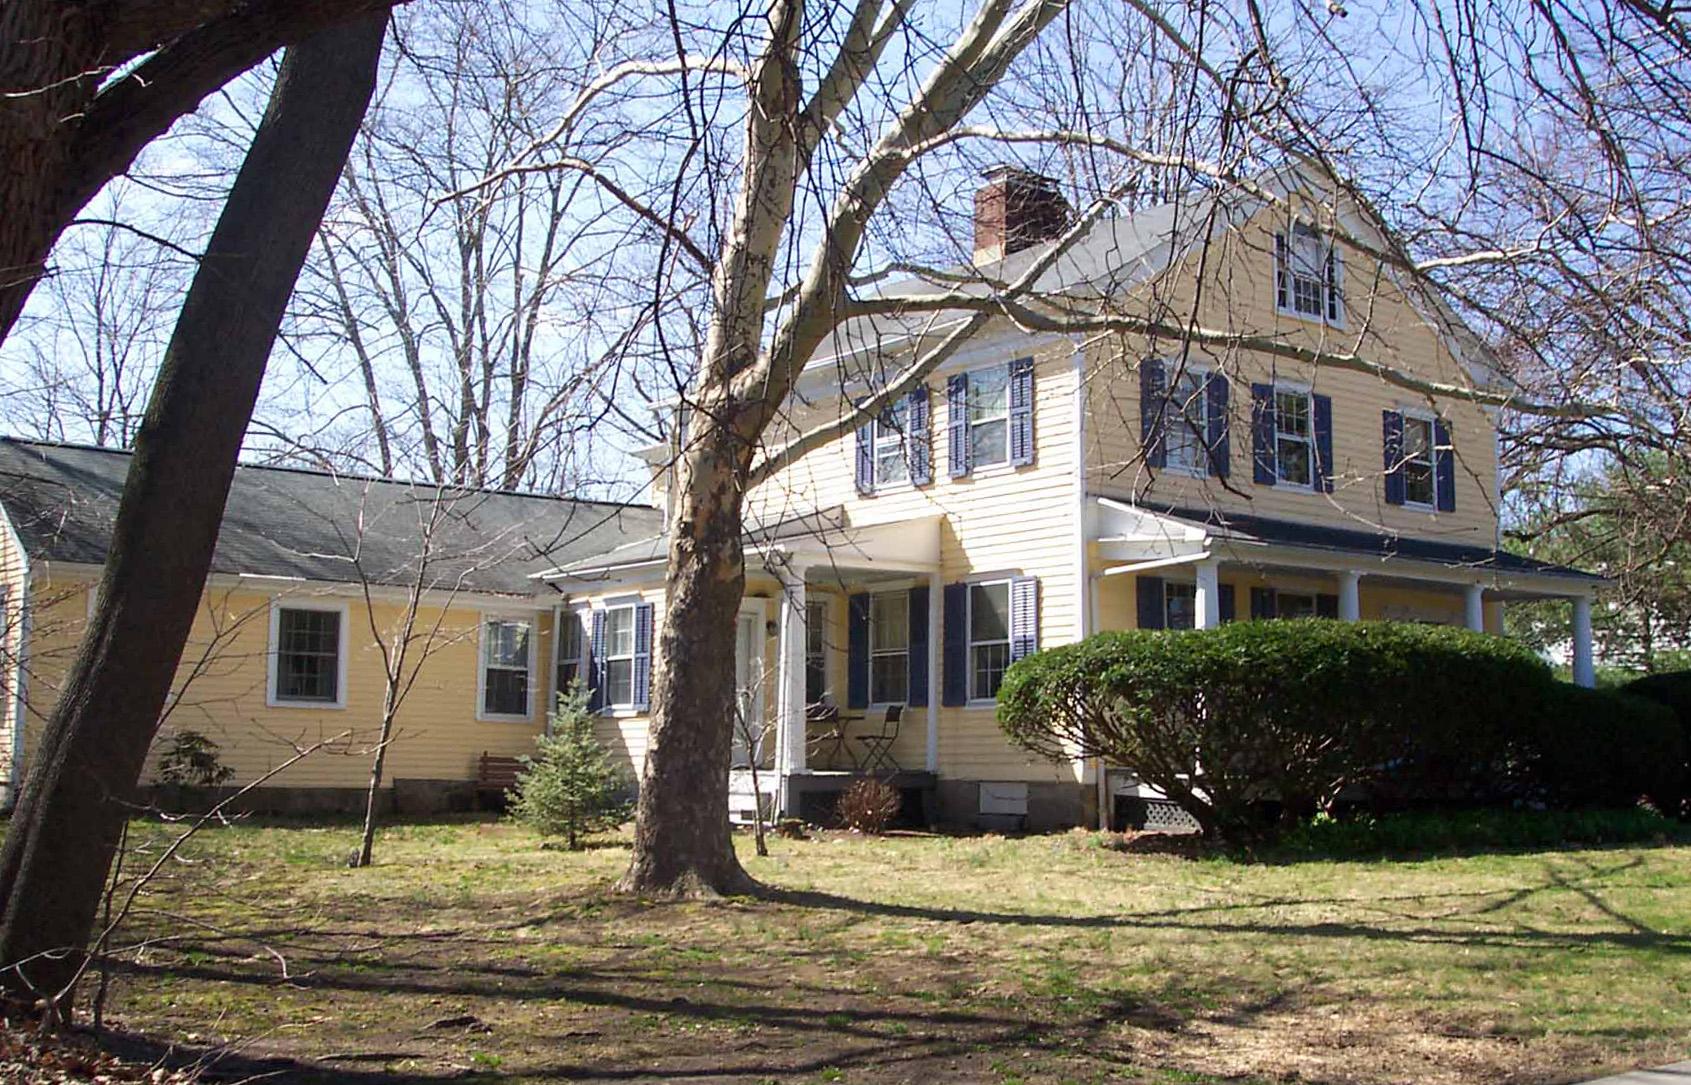 Частный односемейный дом для того Продажа на Live History! 35 France Street Norwalk, Коннектикут 06851 Соединенные Штаты